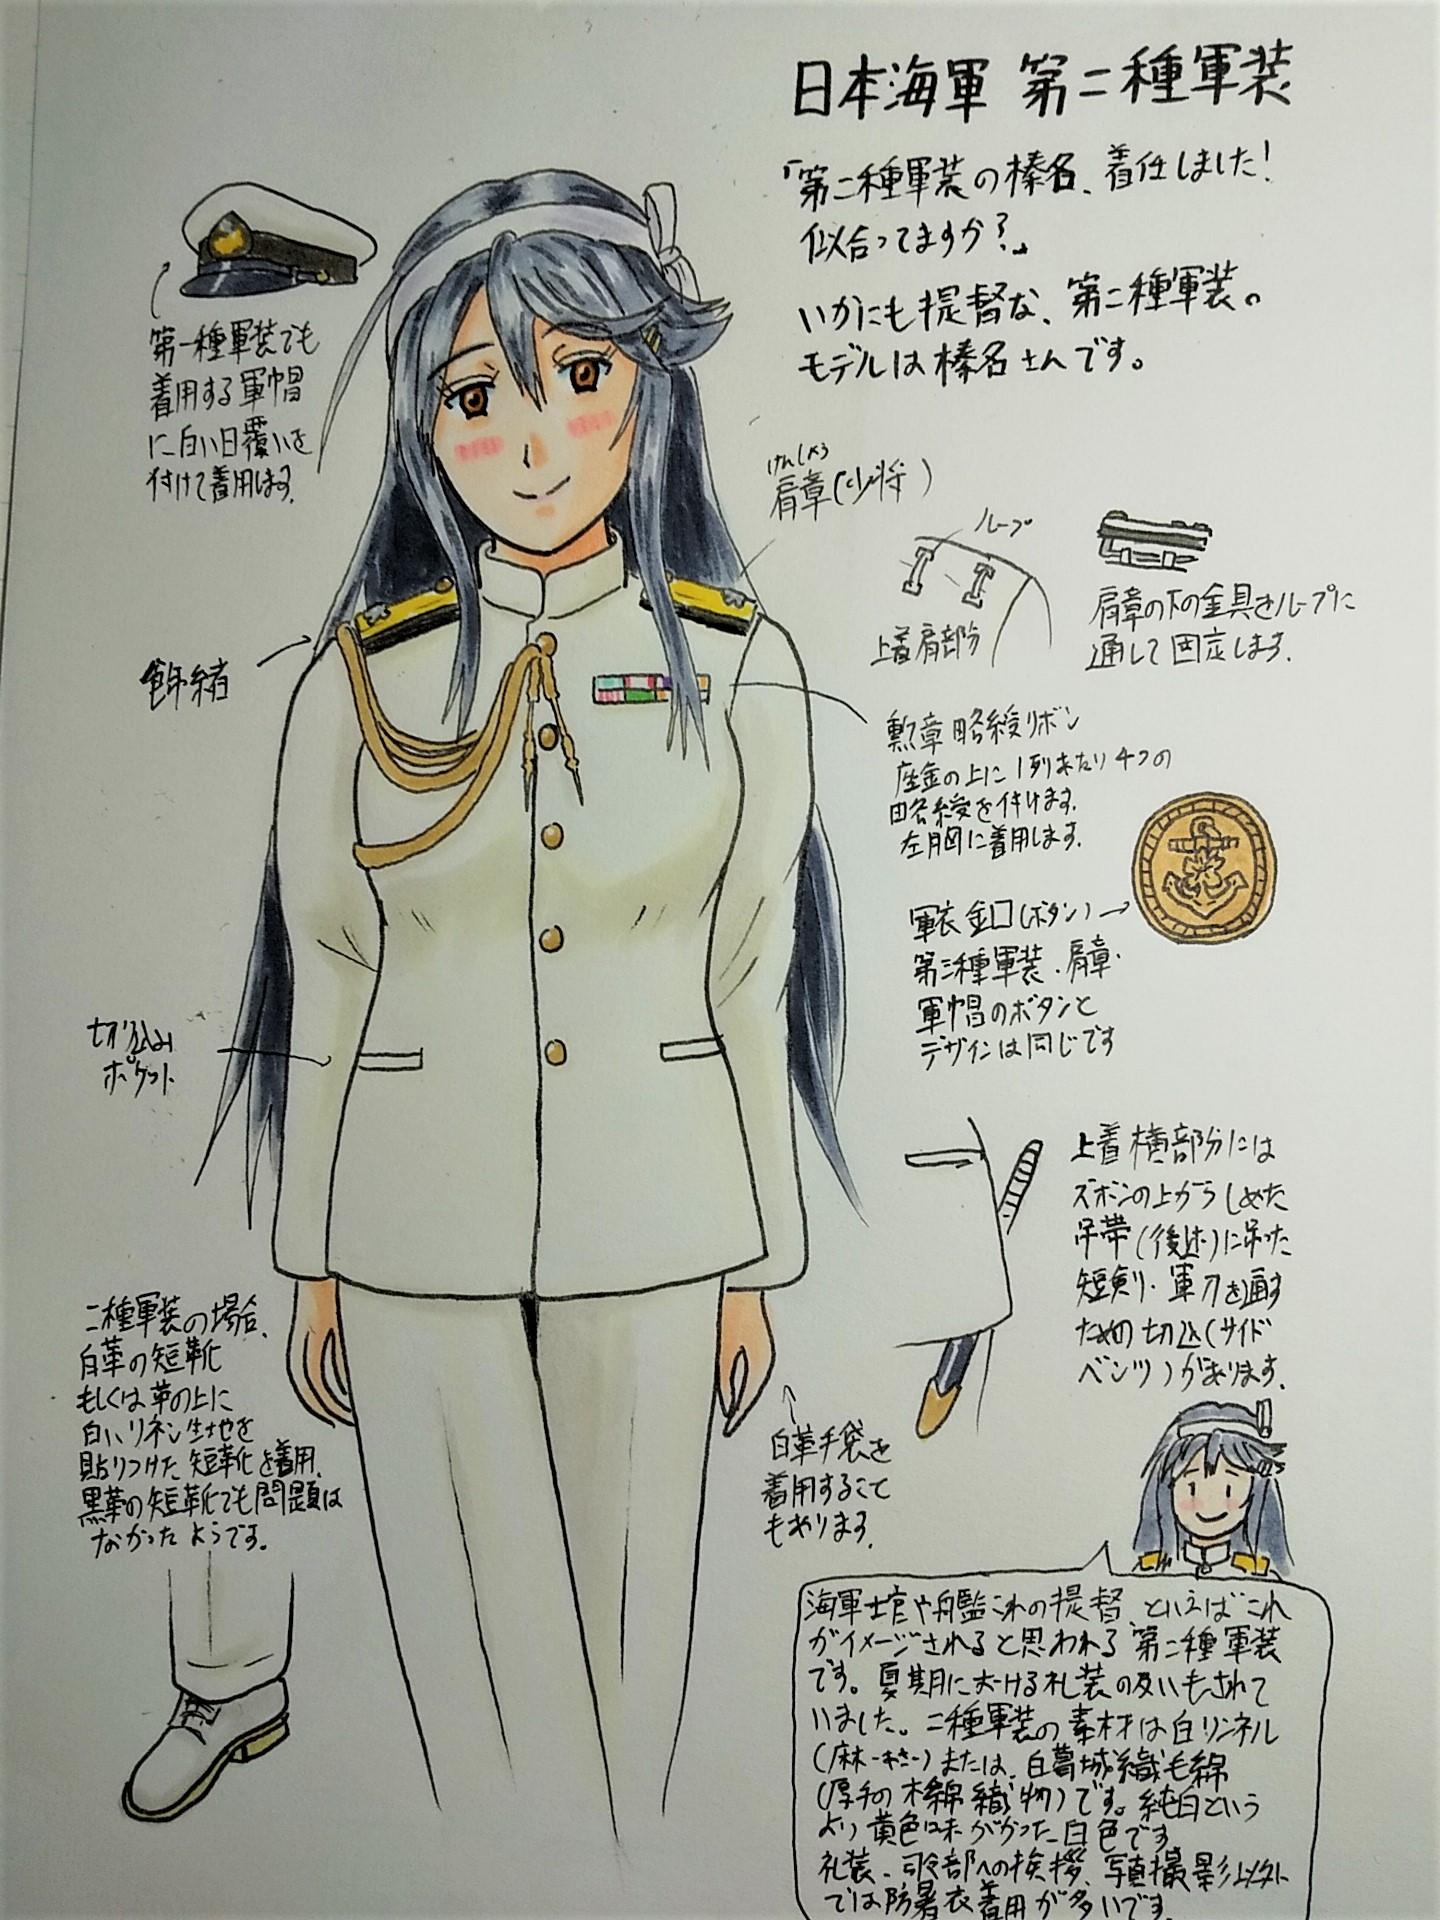 第二種軍装の榛名さん